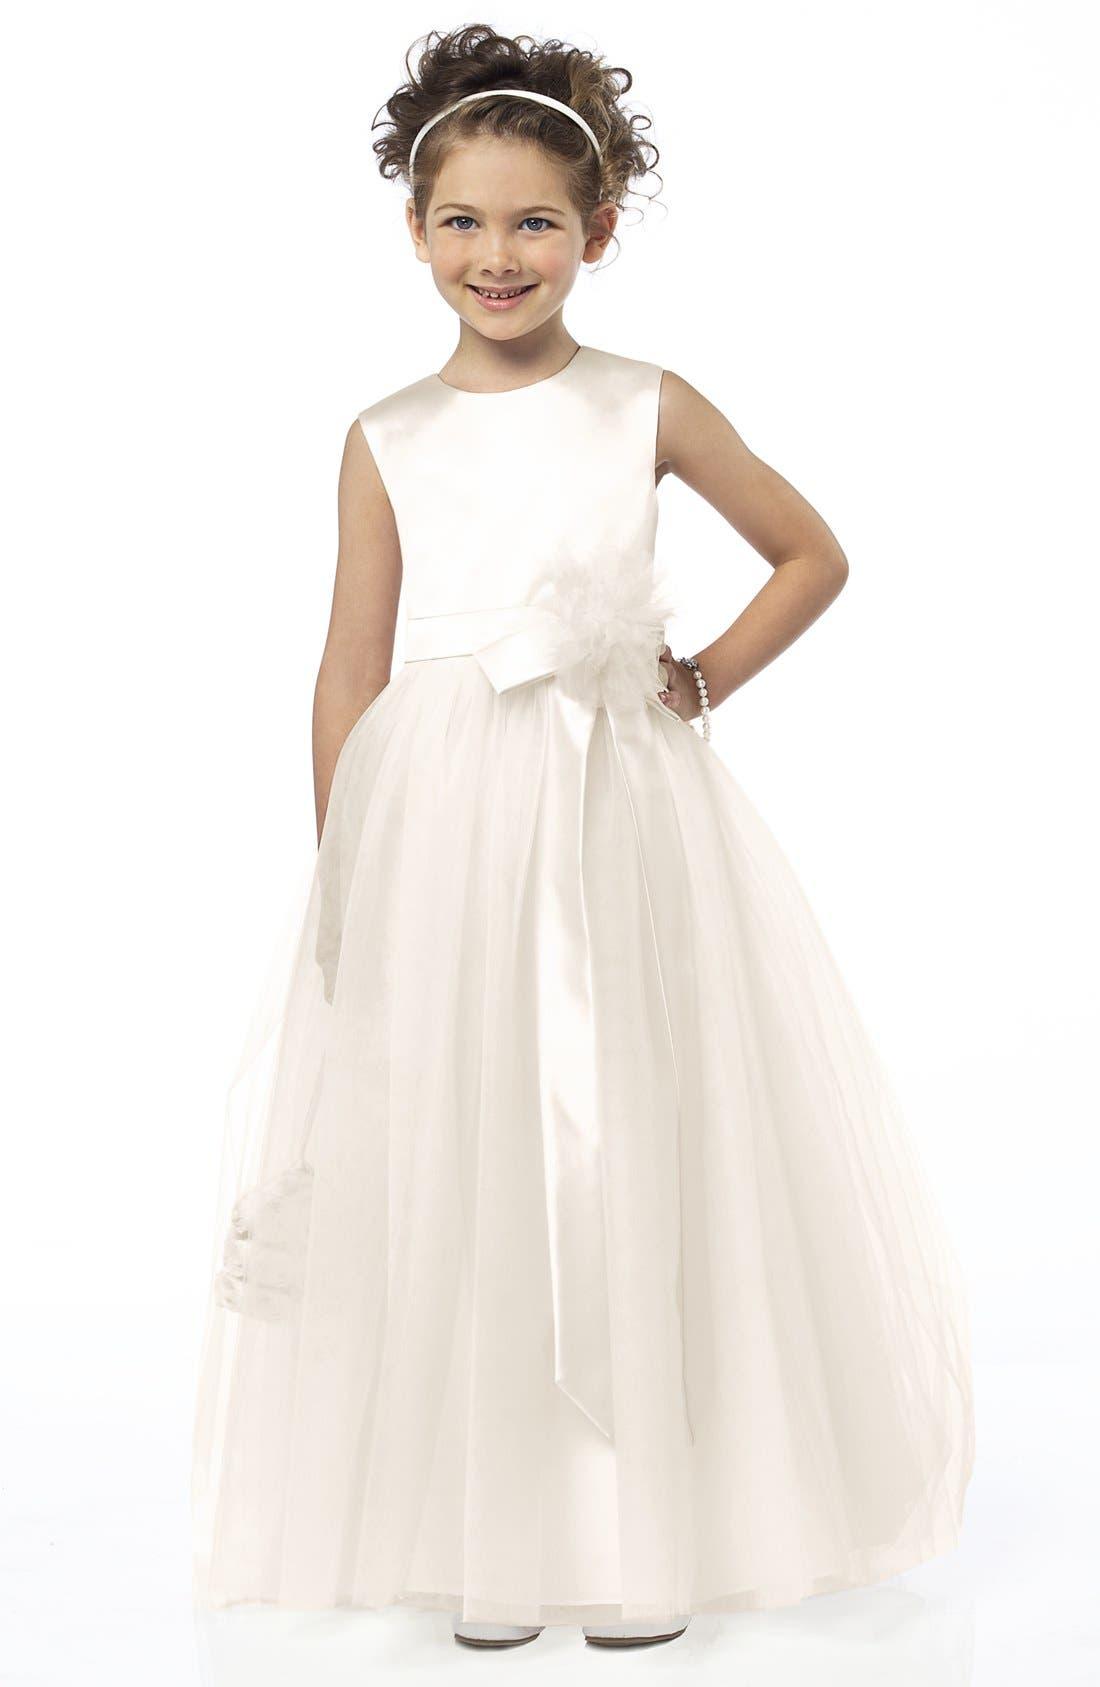 Dessy Collection Sleeveless Satin & Tulle Flower Girl Dress (Toddler Girls, Little Girls & Big Girls)